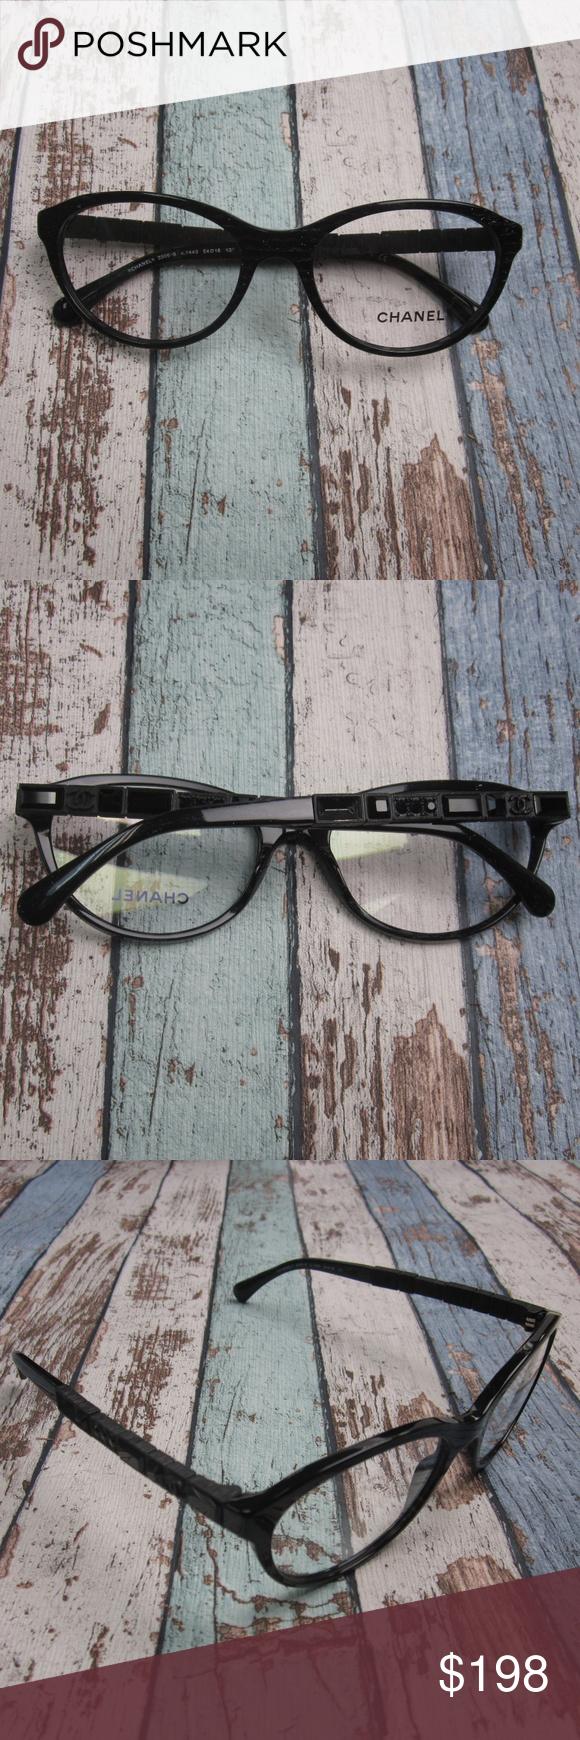 ac1b8927f41e Chanel 3306-B 1443 Women s Eyeglasses Italy OLP146 Chanel 3306-B c.1443 Women s  Eyeglasses Italy OLP146 Great condition